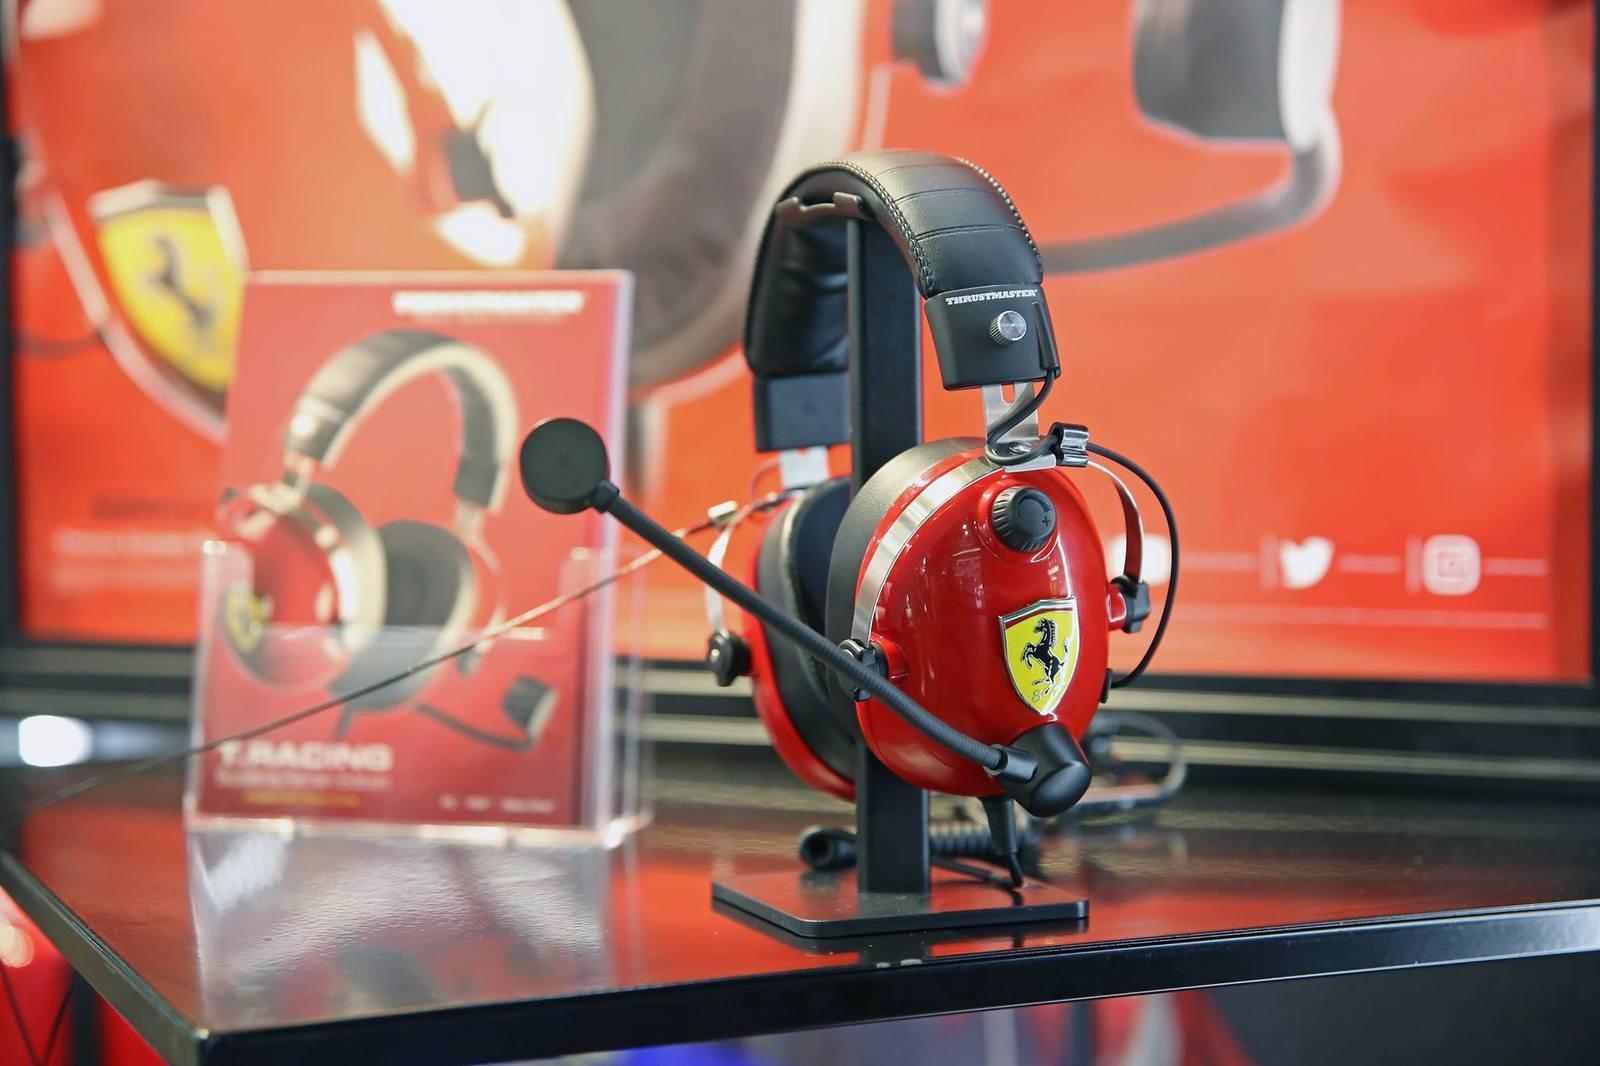 lancement-officiel-du-t-racing-le-casque-nouvelle-generation-de-chez-thrustmaster-924-1.jpg